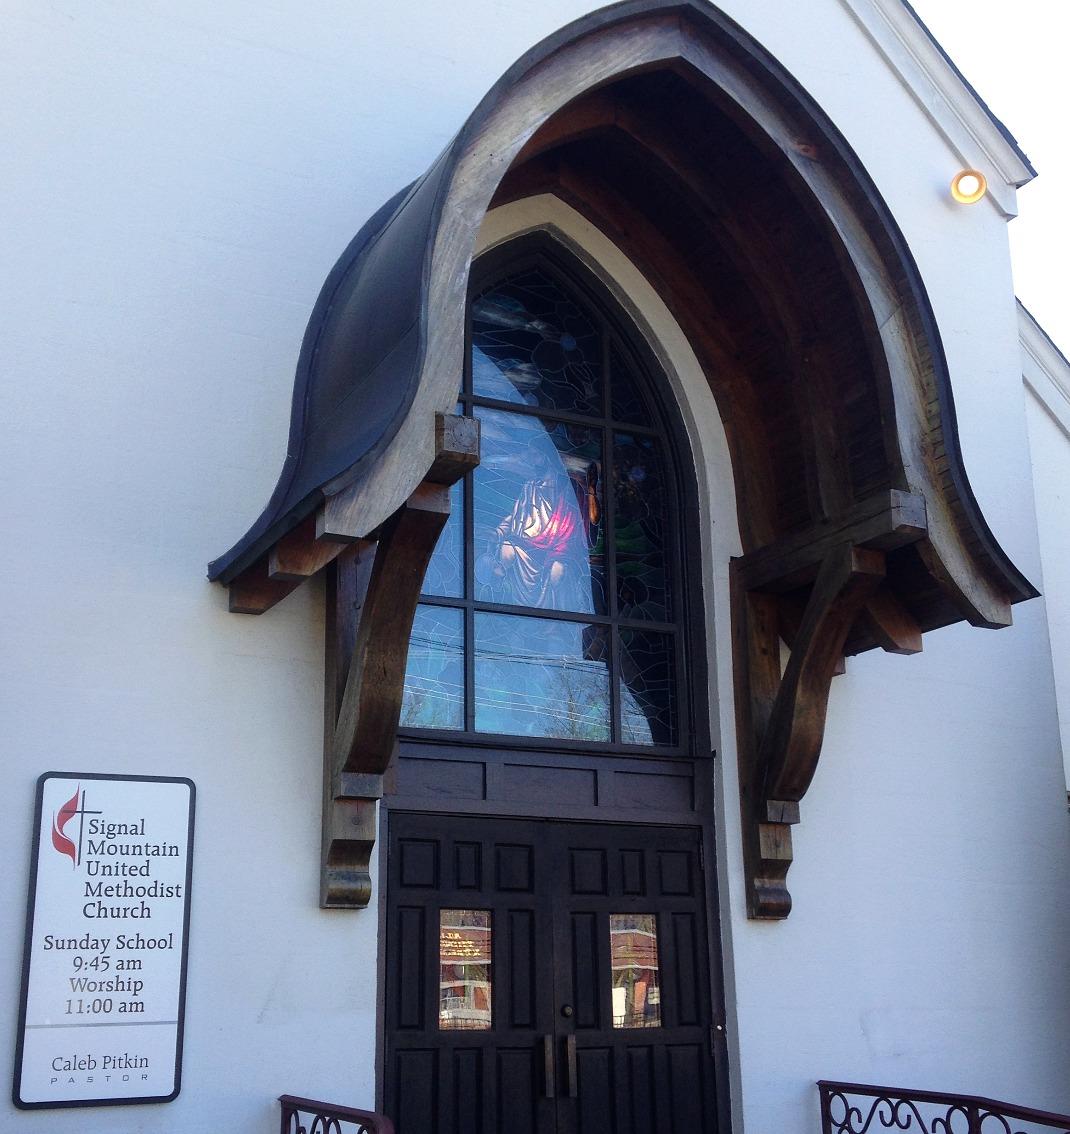 Signal MT United Methodist Church